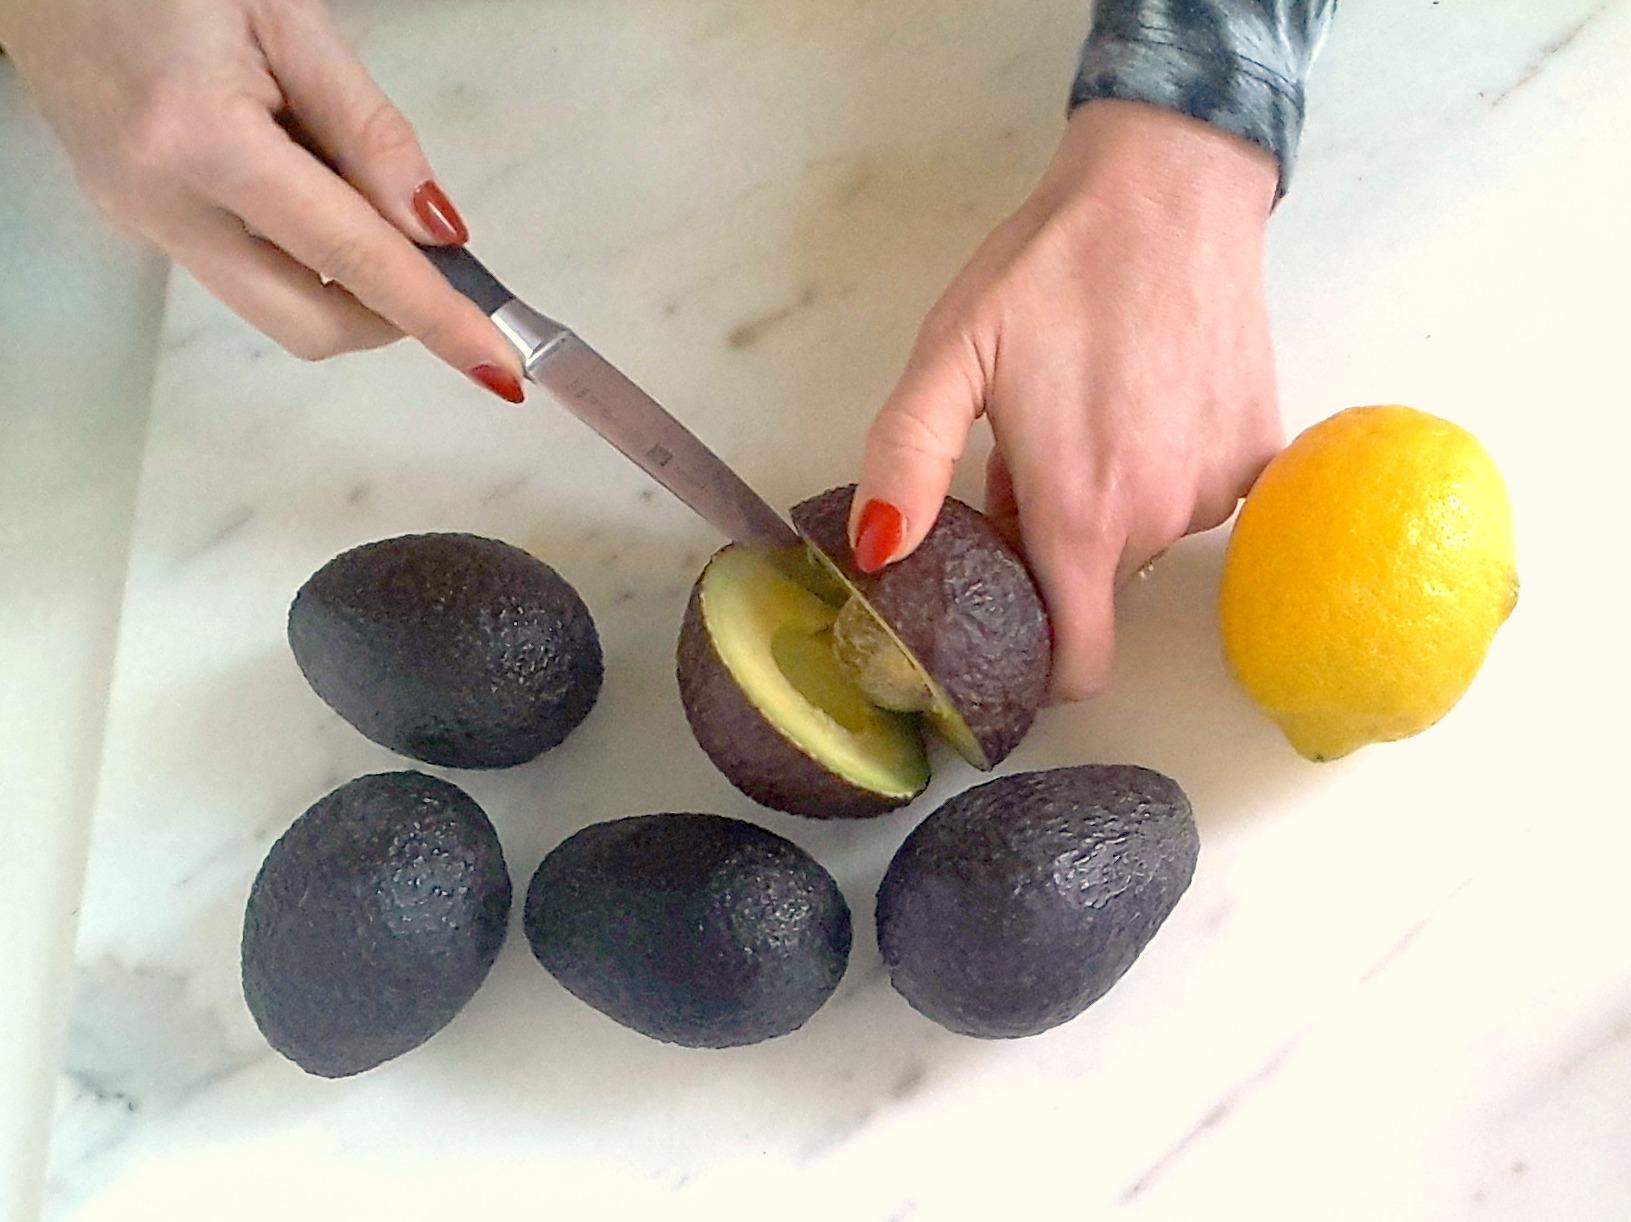 Marci+Bowman-avocados-healthy+fats.jpg